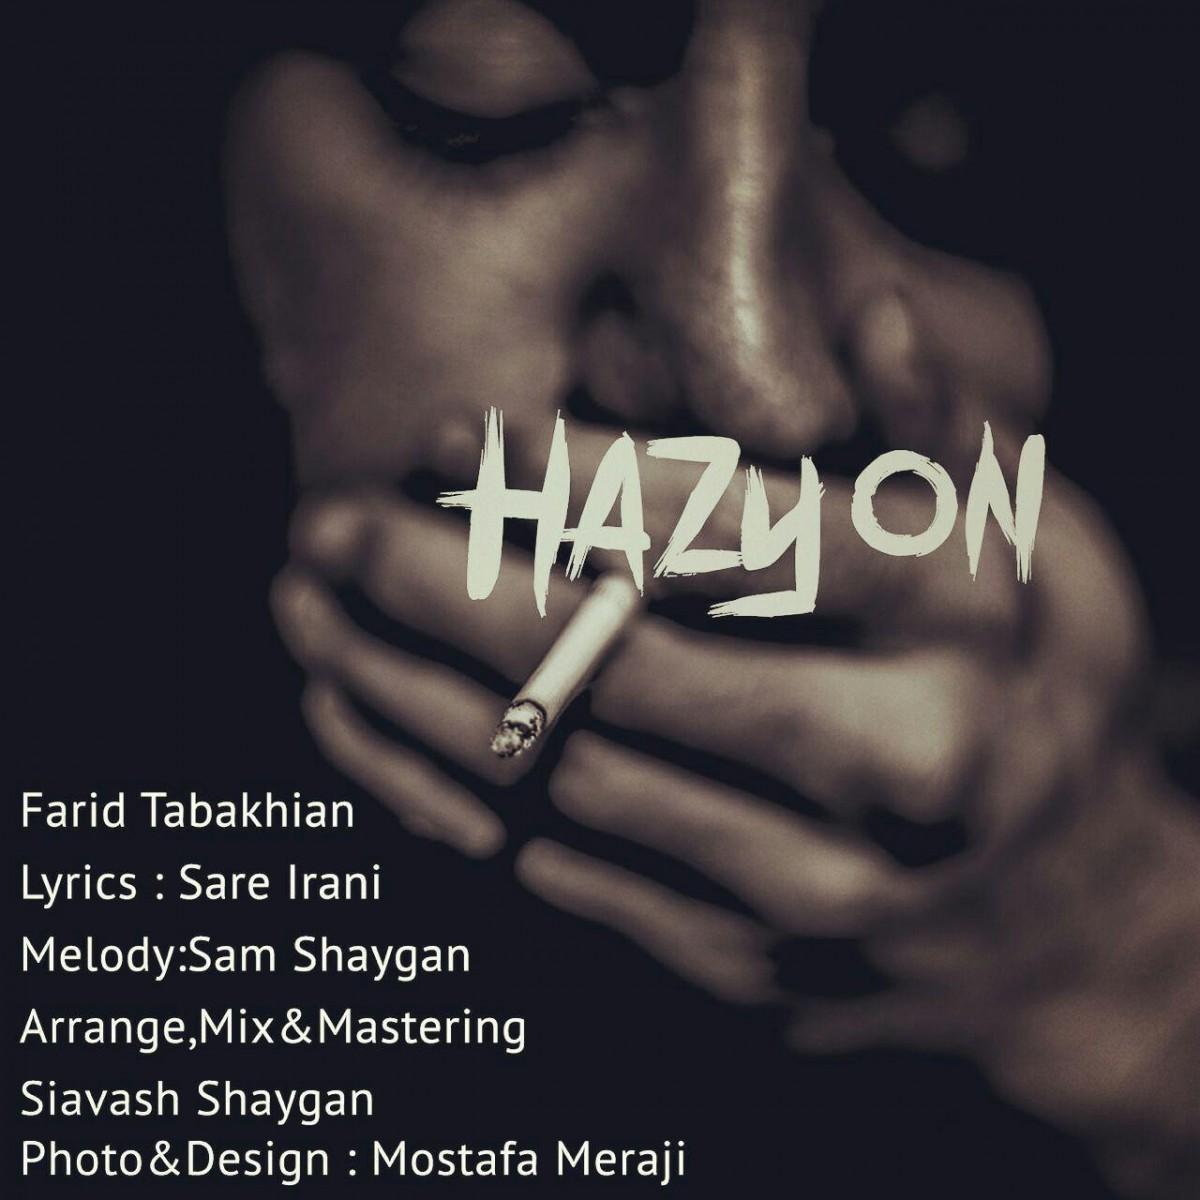 نامبر وان موزیک   دانلود آهنگ جدید Farid-Tabakhian-Hazyon